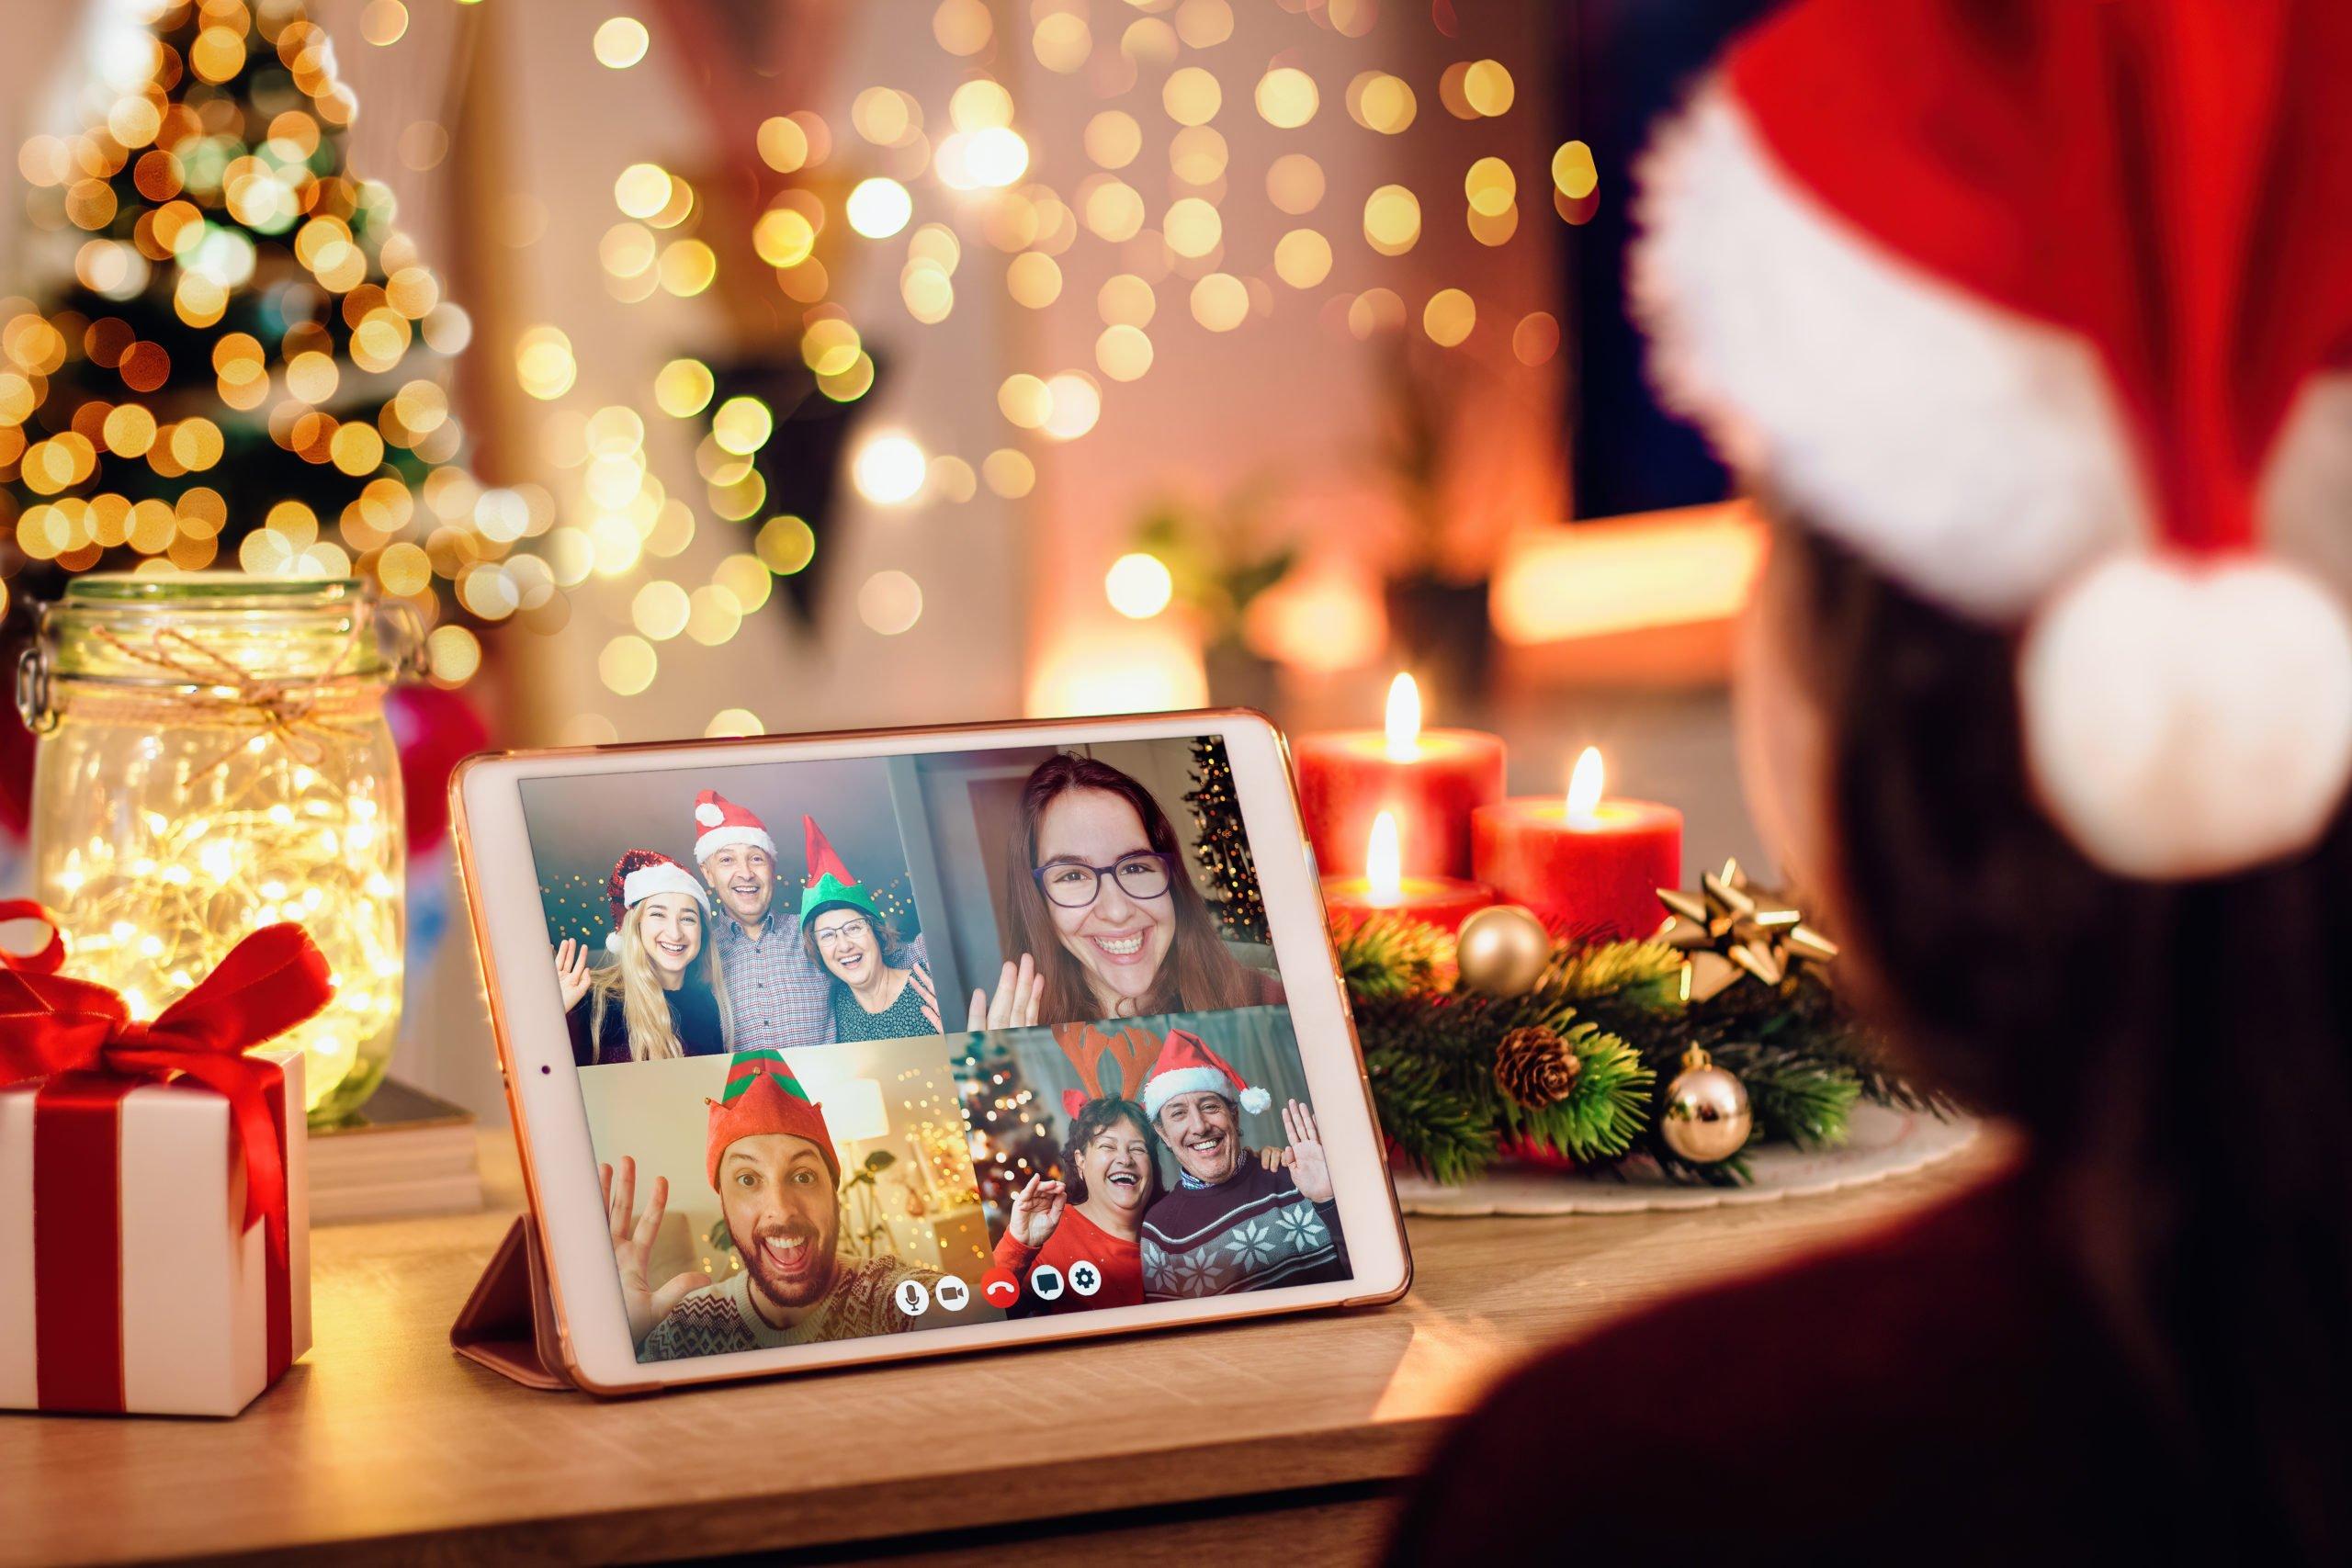 11 Tipps für virtuelle Weihnachtsfeier - so wird ein großes Familienfest möglich!